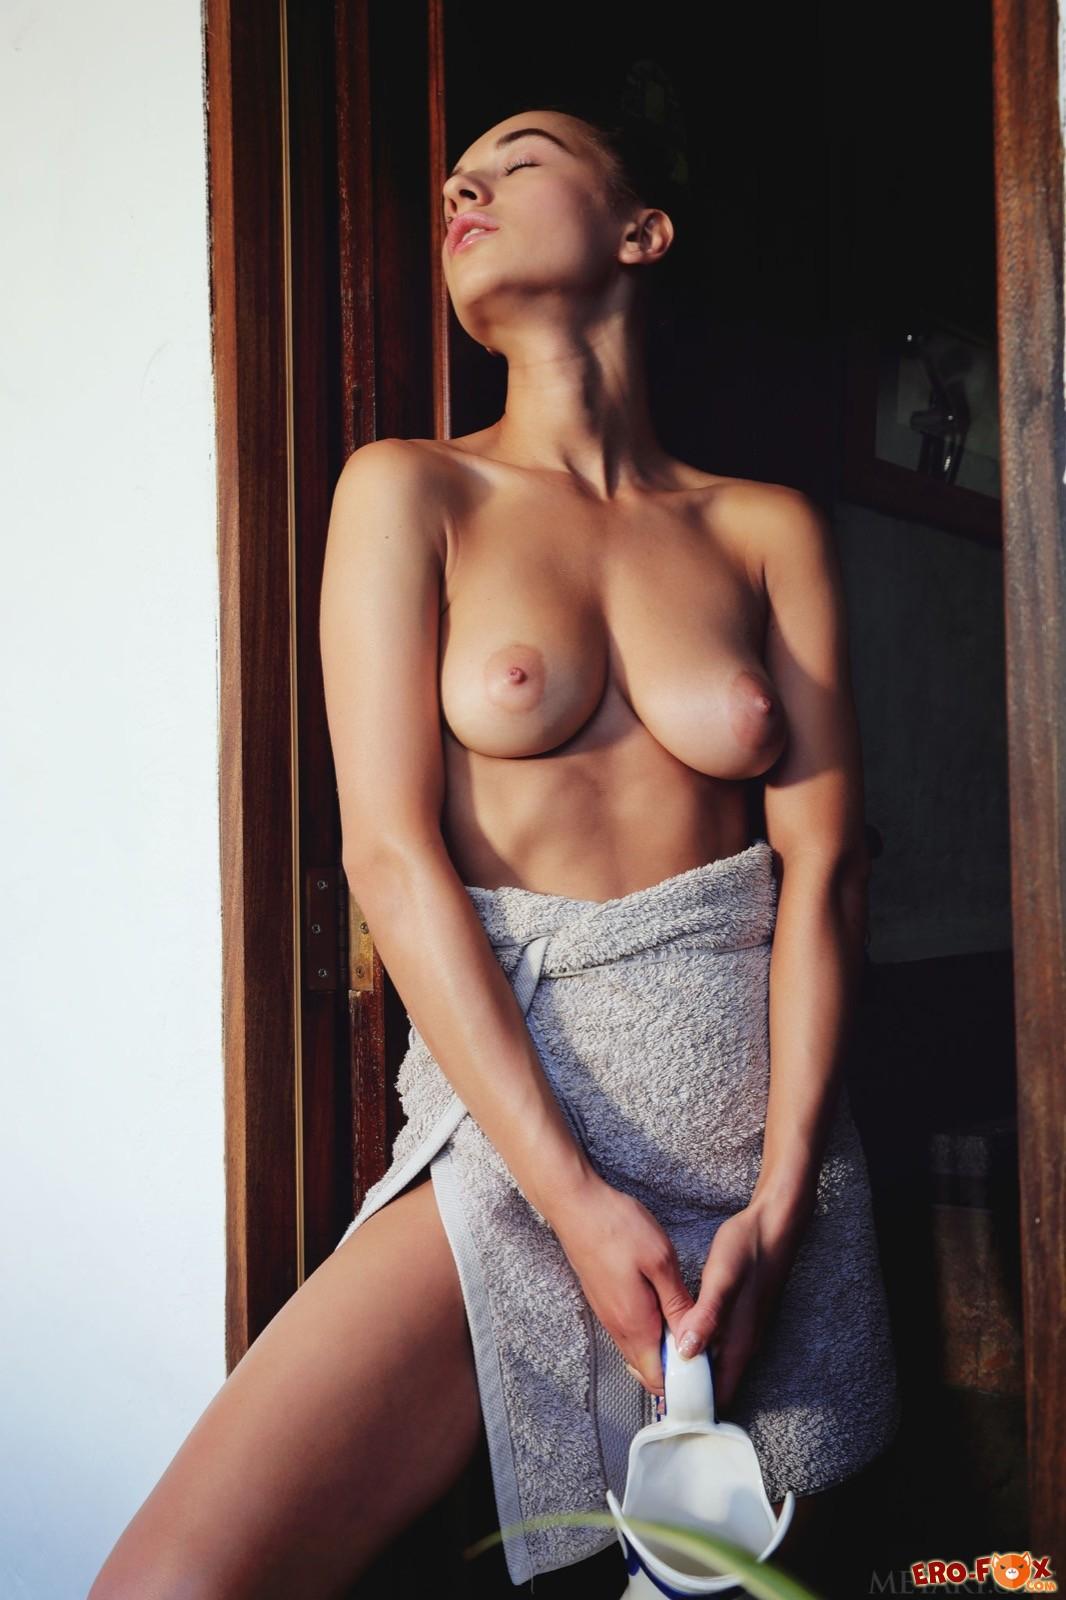 Голая девушка облила сиськи и письку молоком  - фото